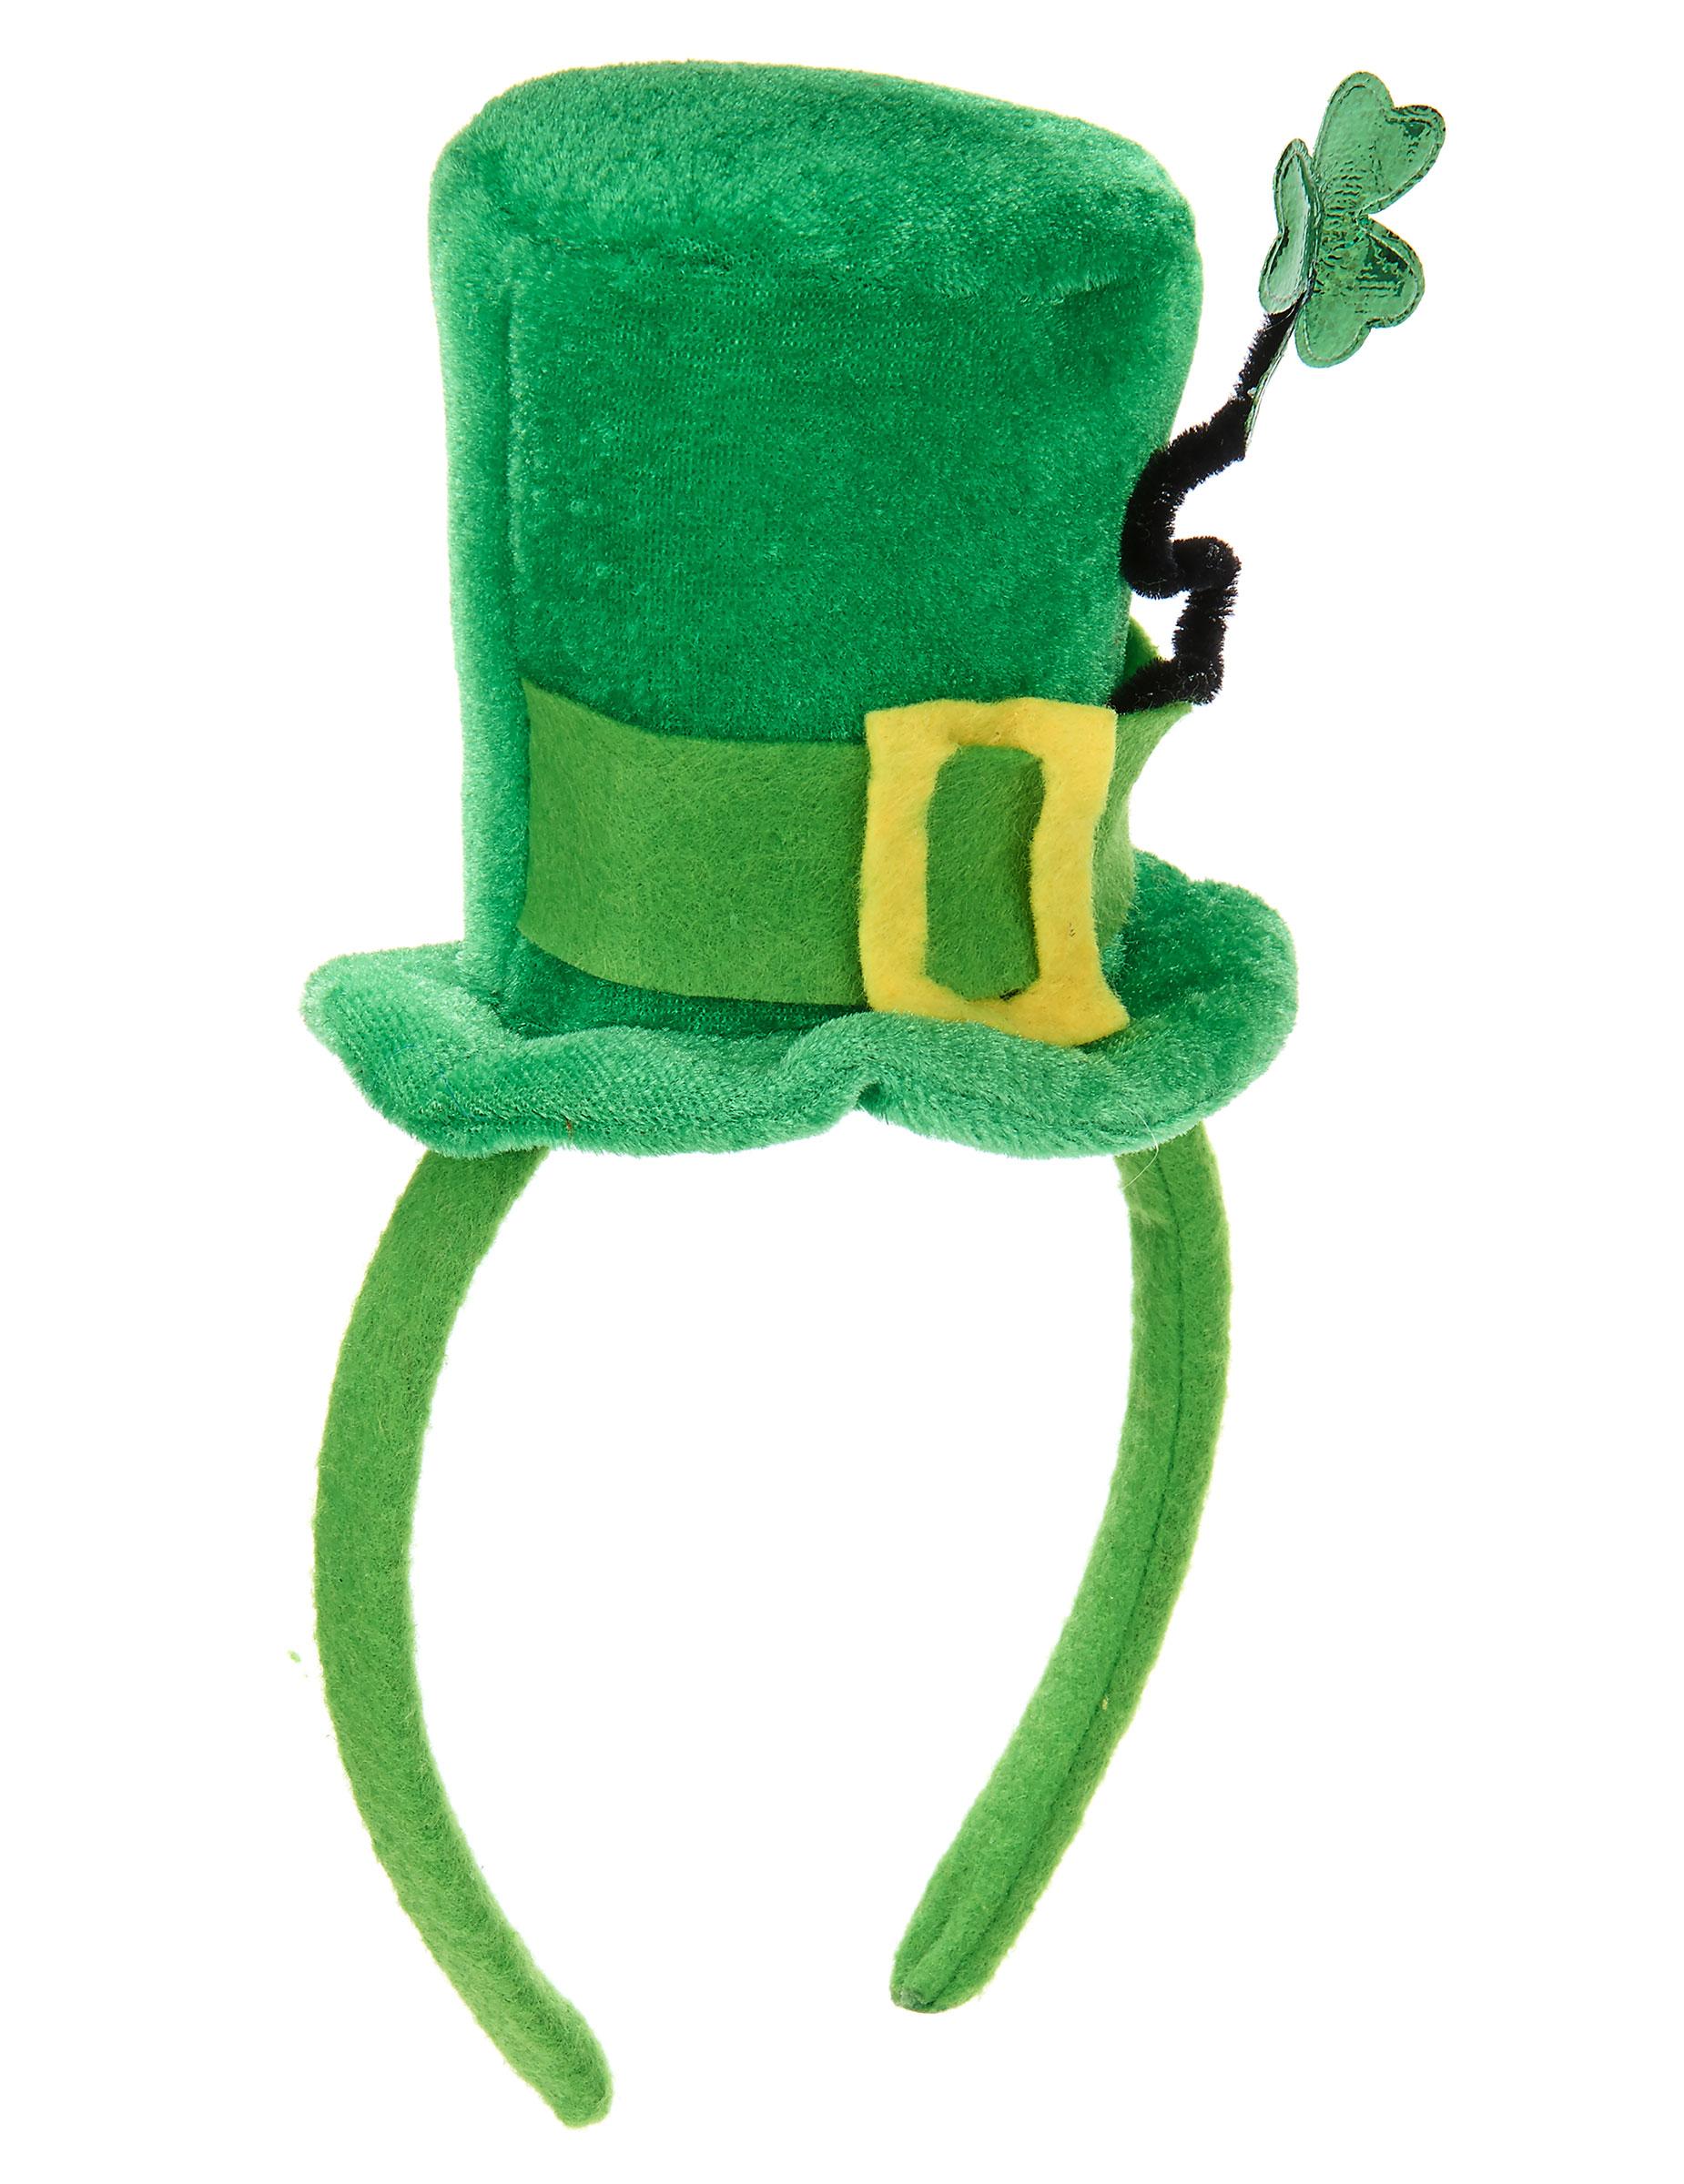 Sombreros y gorros de San Patricio para adultos y niños - Sombreros ... deee60203de9